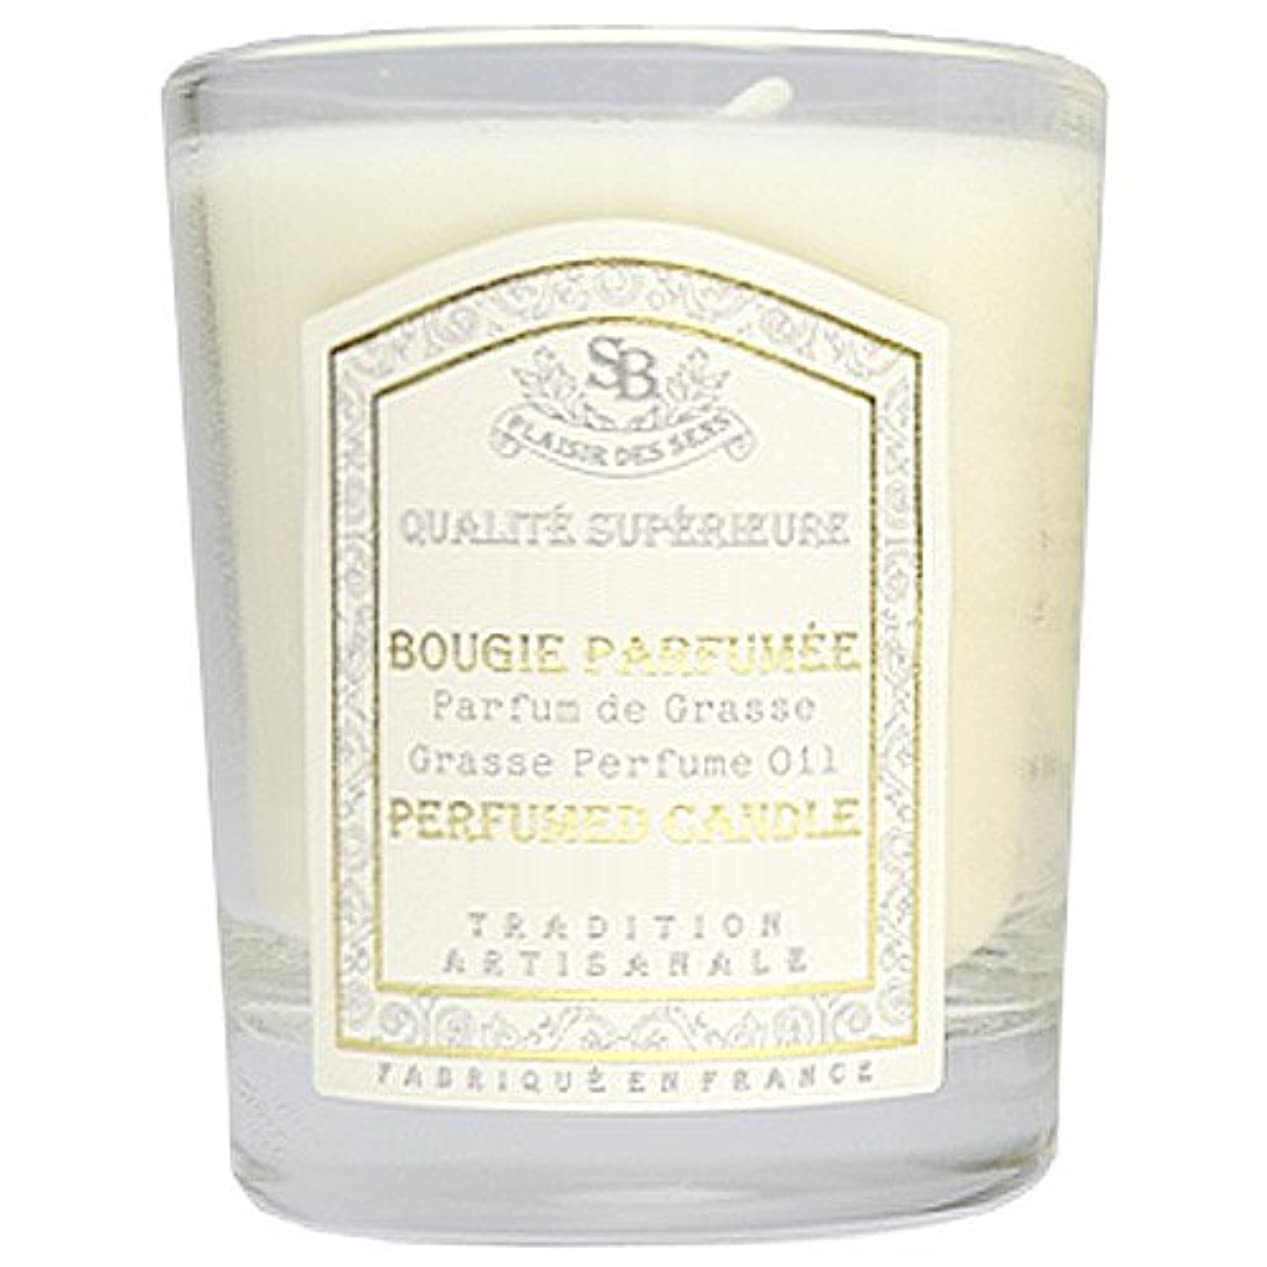 懲戒編集者素人Senteur et Beaute(サンタールエボーテ) フレンチクラシックシリーズ グラスキャンドル 90g 「ホワイトティー」 4994228021991